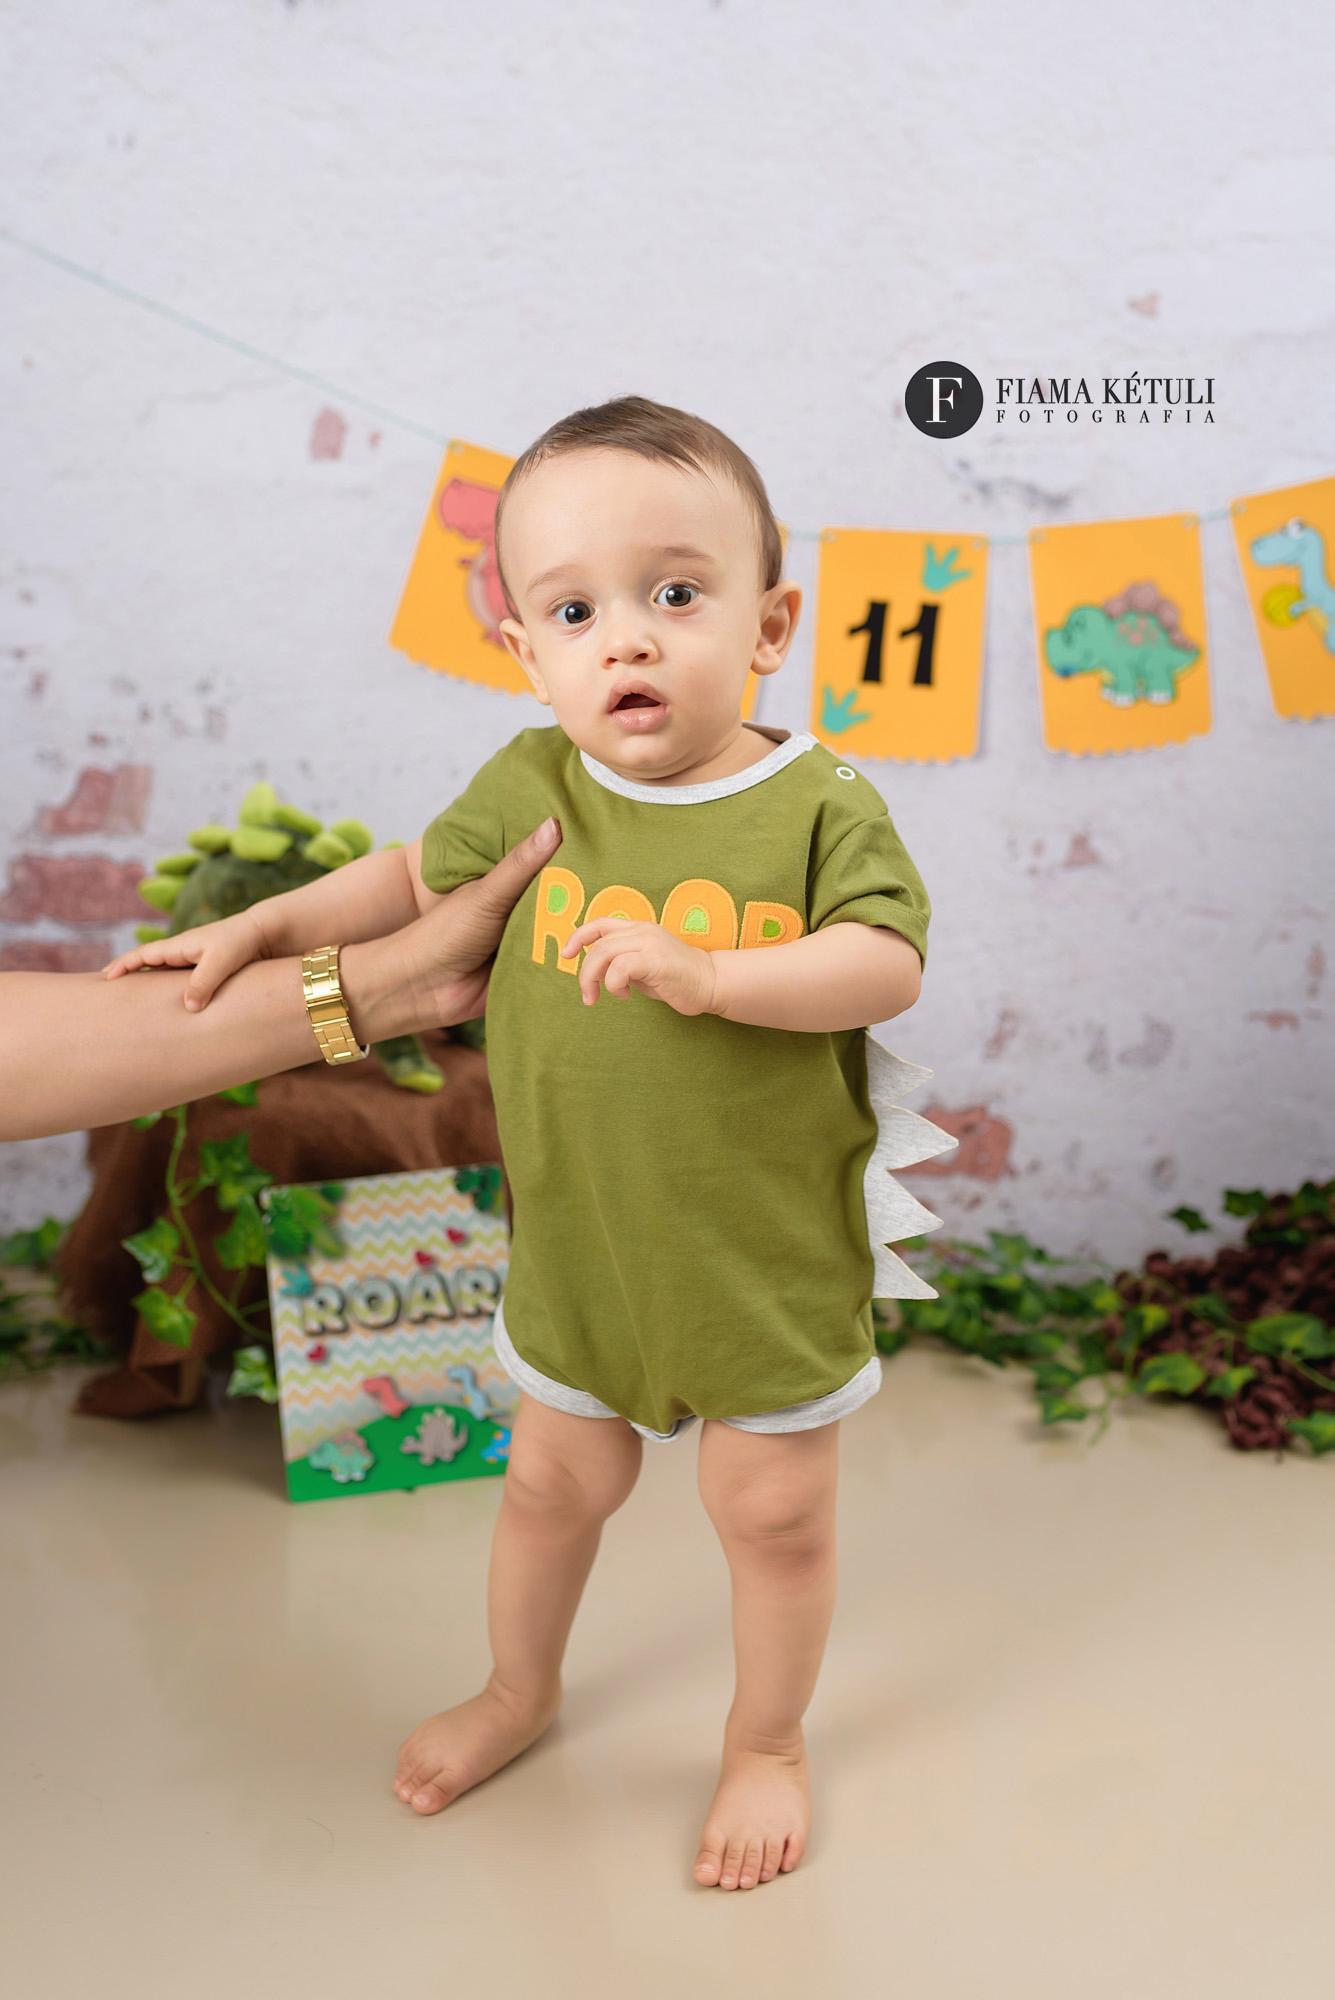 Ensaio de bebê em estúdio tema Dinossauro